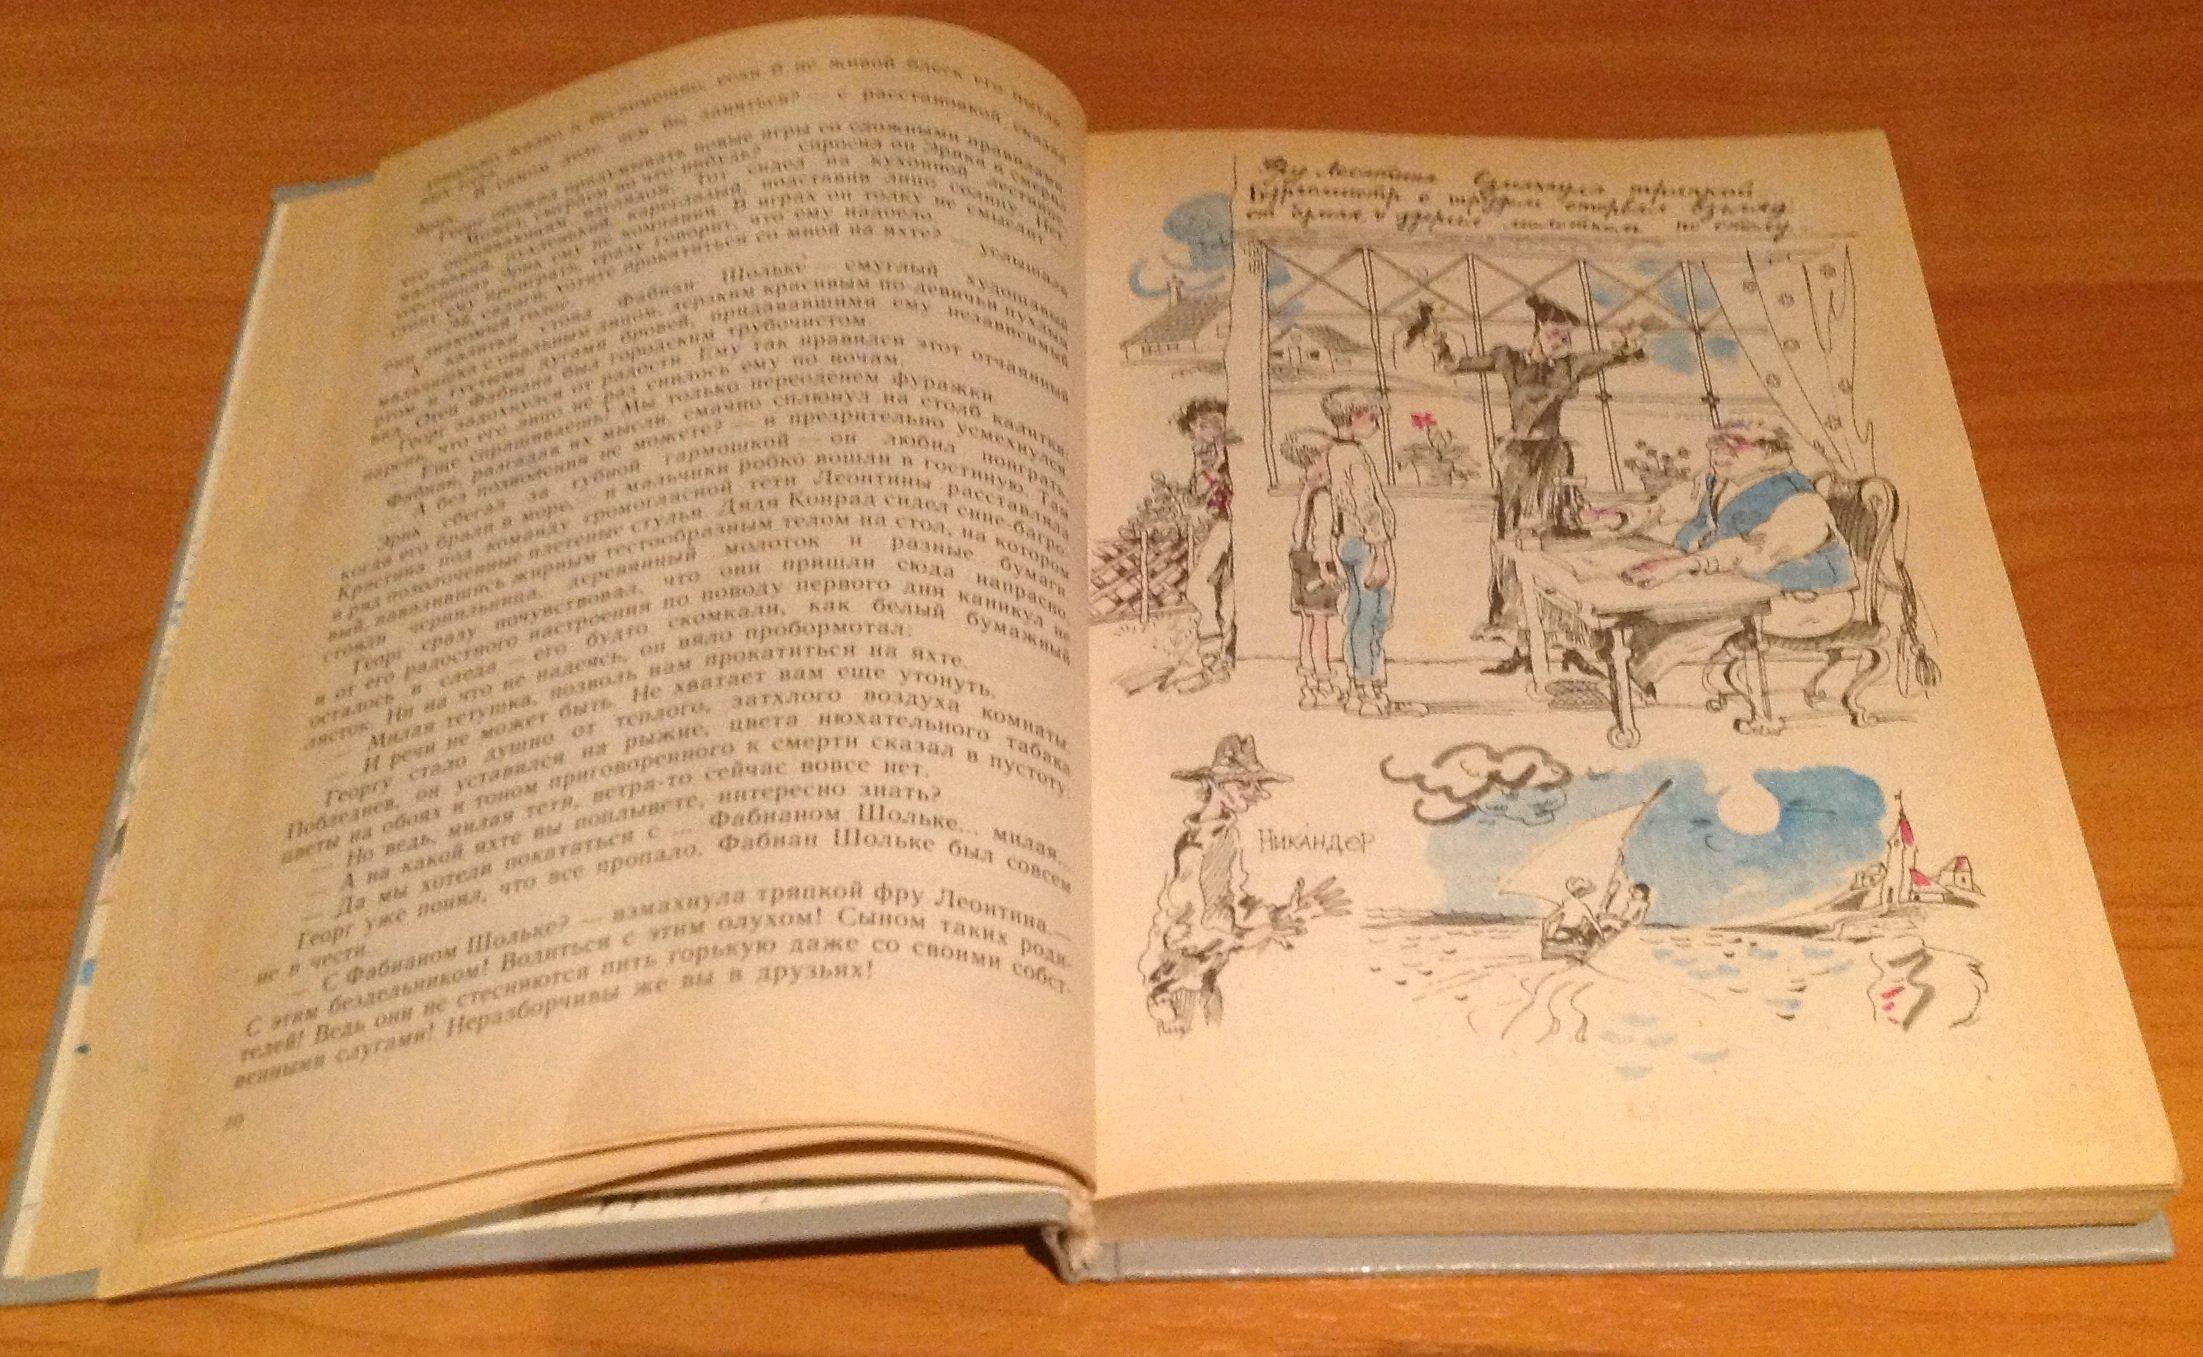 """Сначала думала написать про """"Остров сокровищ"""", но потом передумала и решила остановиться на """"Пиратах с озера Мела ... - Изображение 2"""